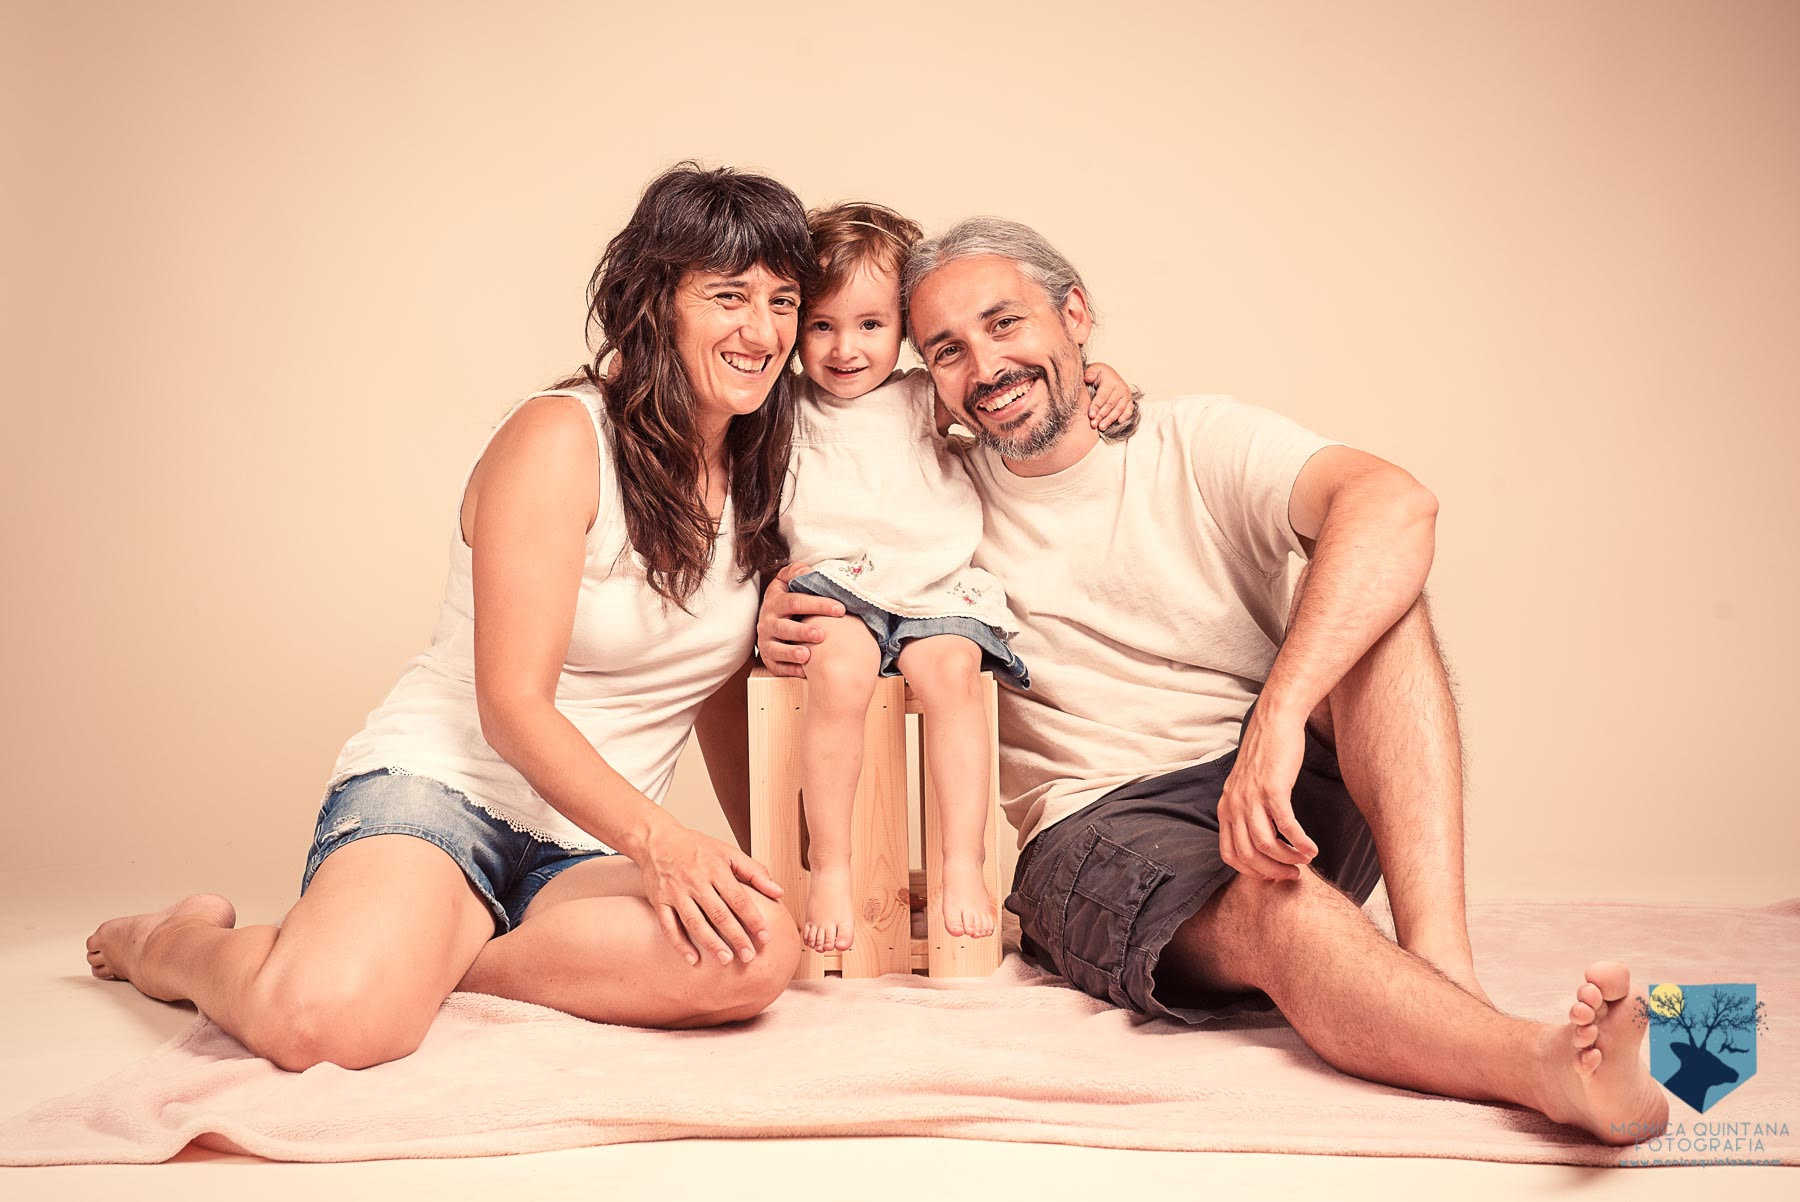 estudio de fotografia de familia con niños pequeños en Figueres, Girona